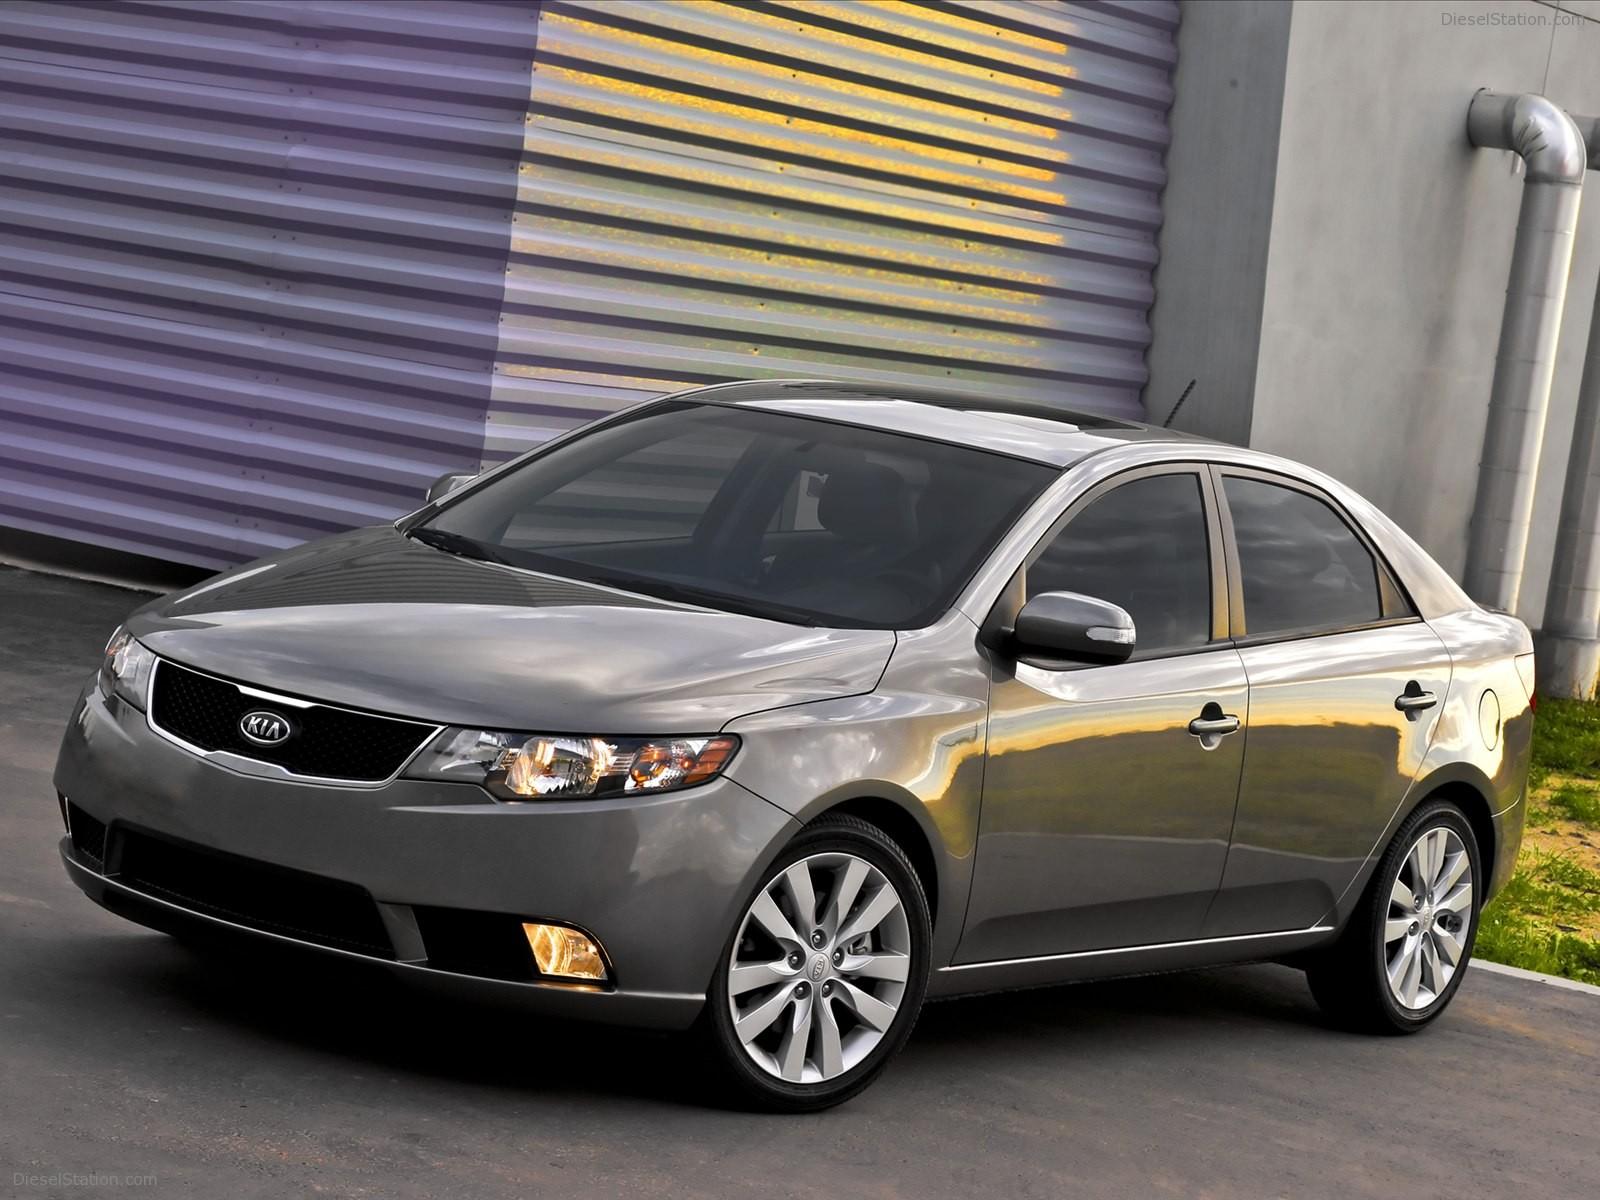 Đánh giá xe KIA Forte / Cerato 2012